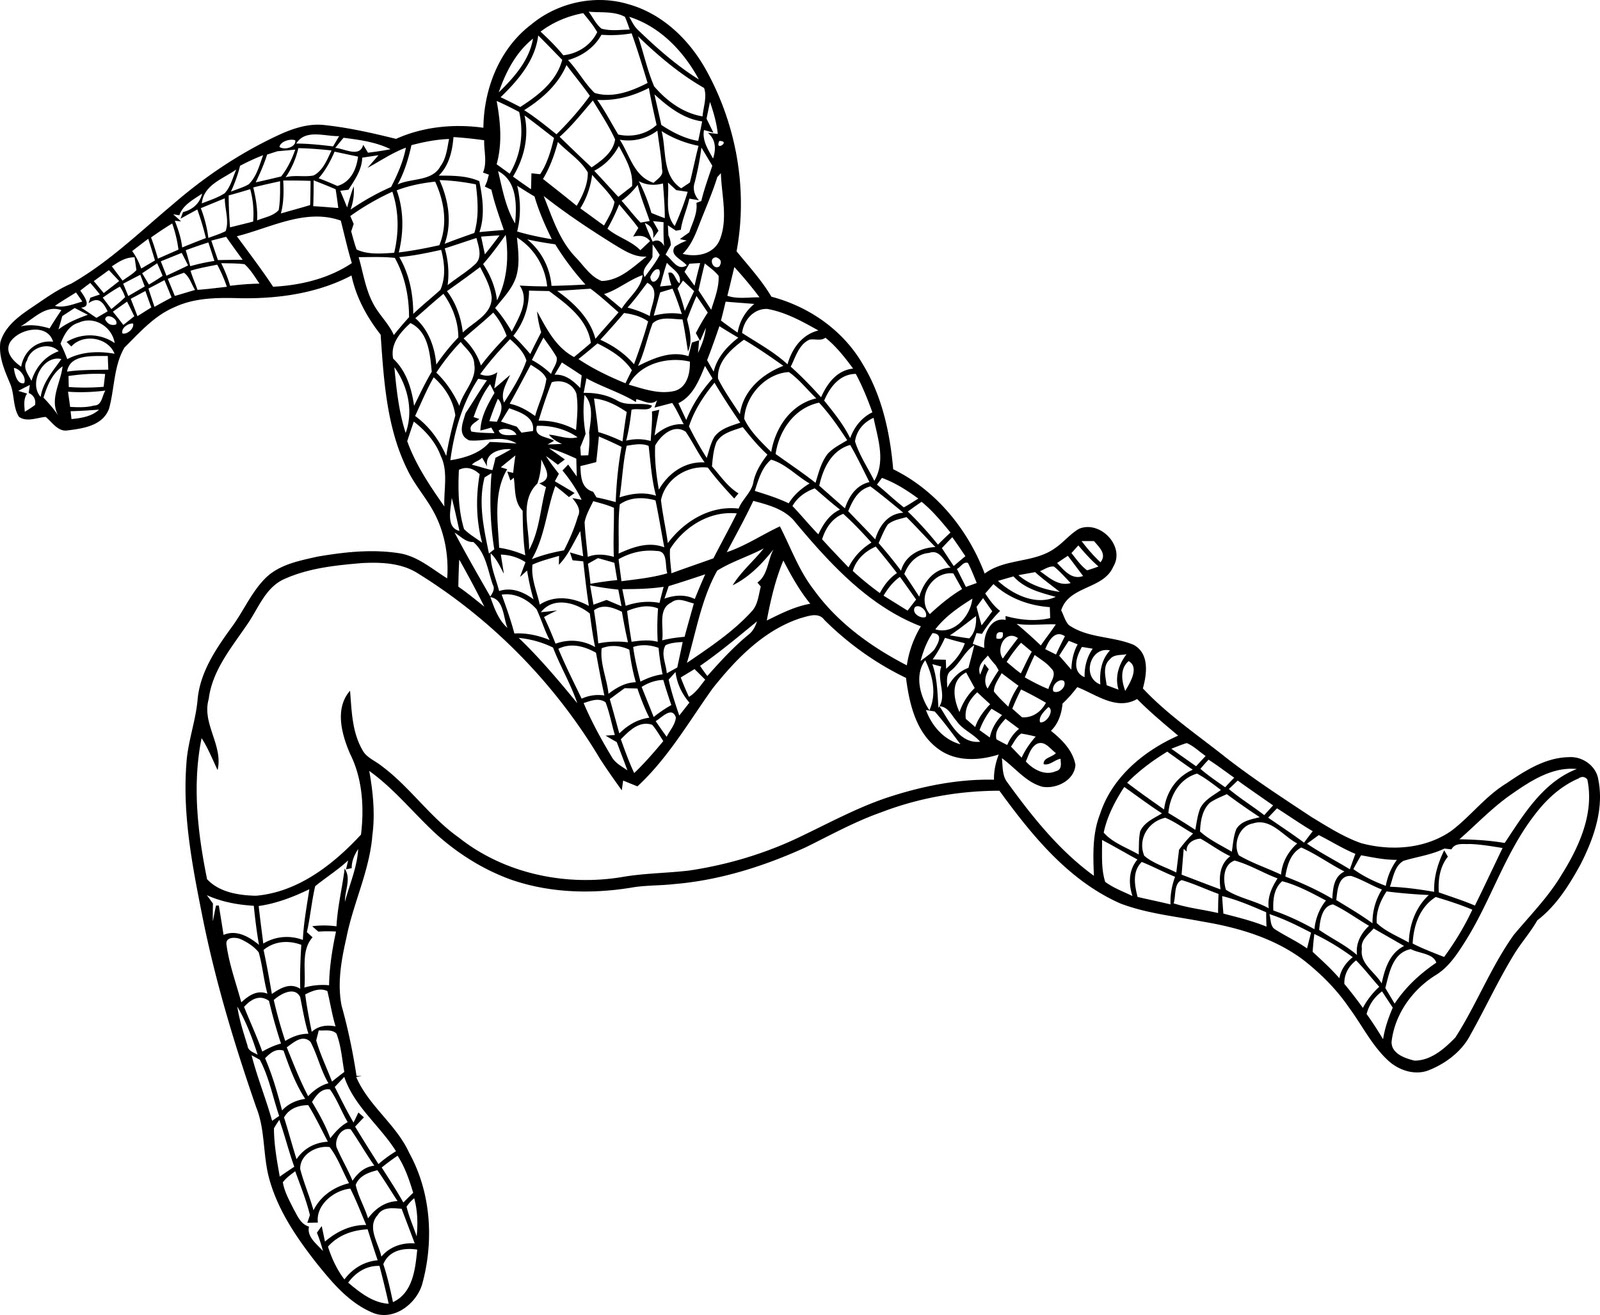 1600x1315 Drawn Spider Man Body